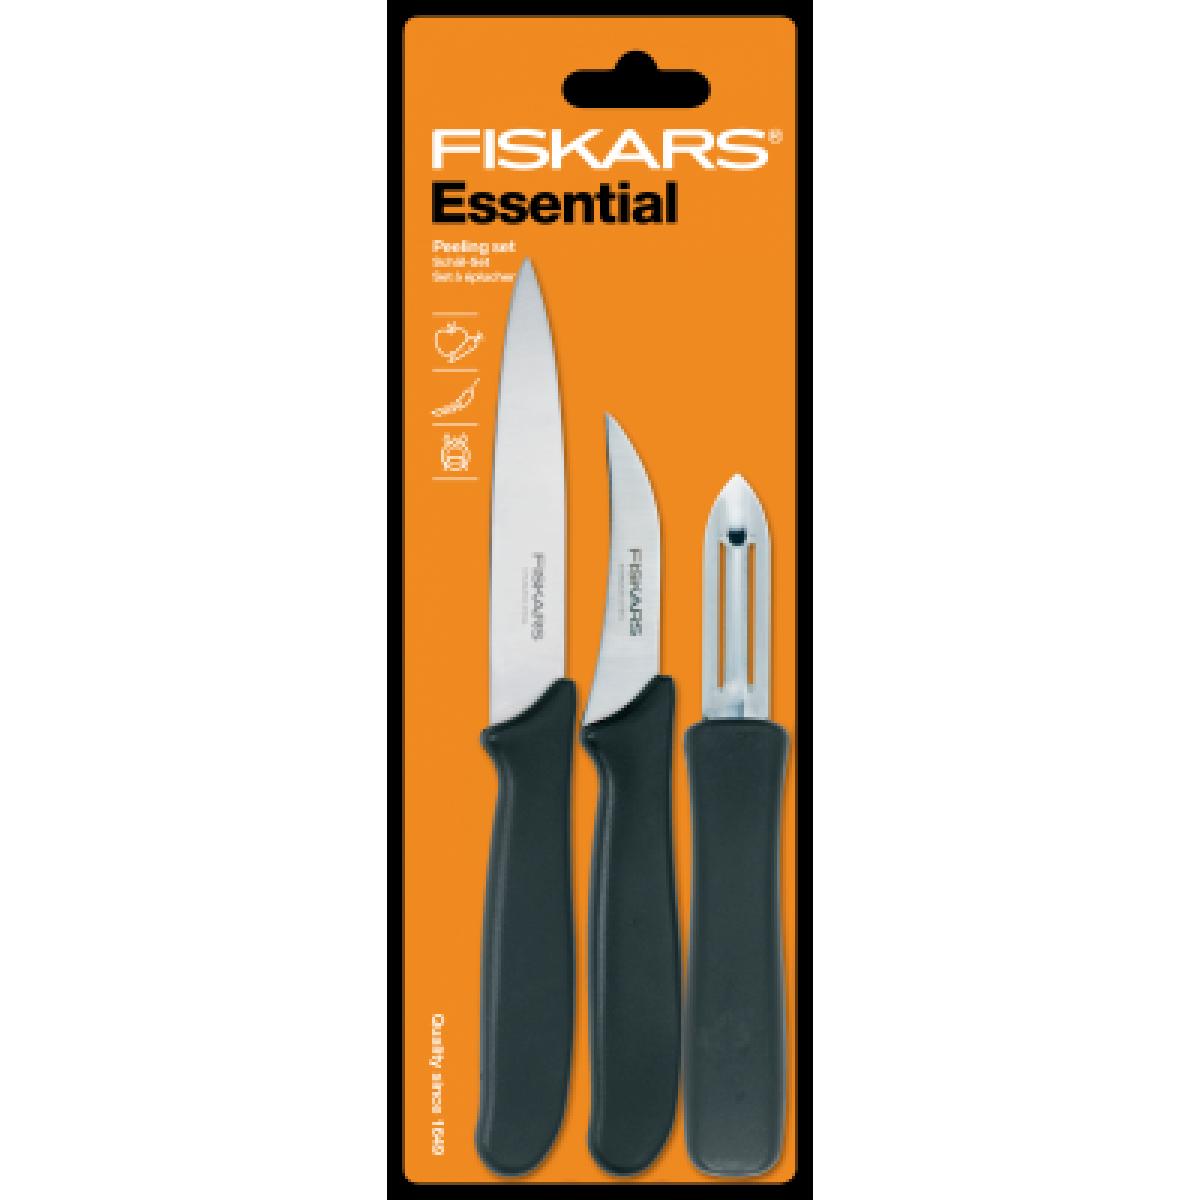 FISKARS 3 dele skrælle / urte knivsæt